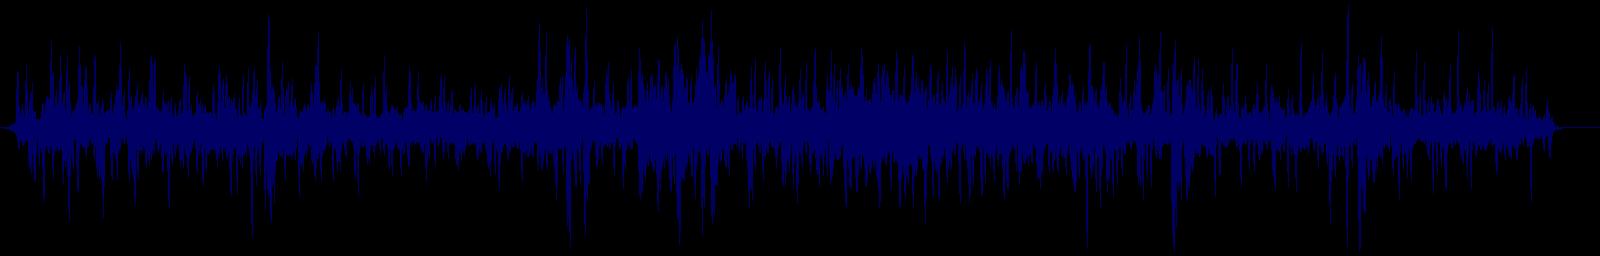 waveform of track #151090